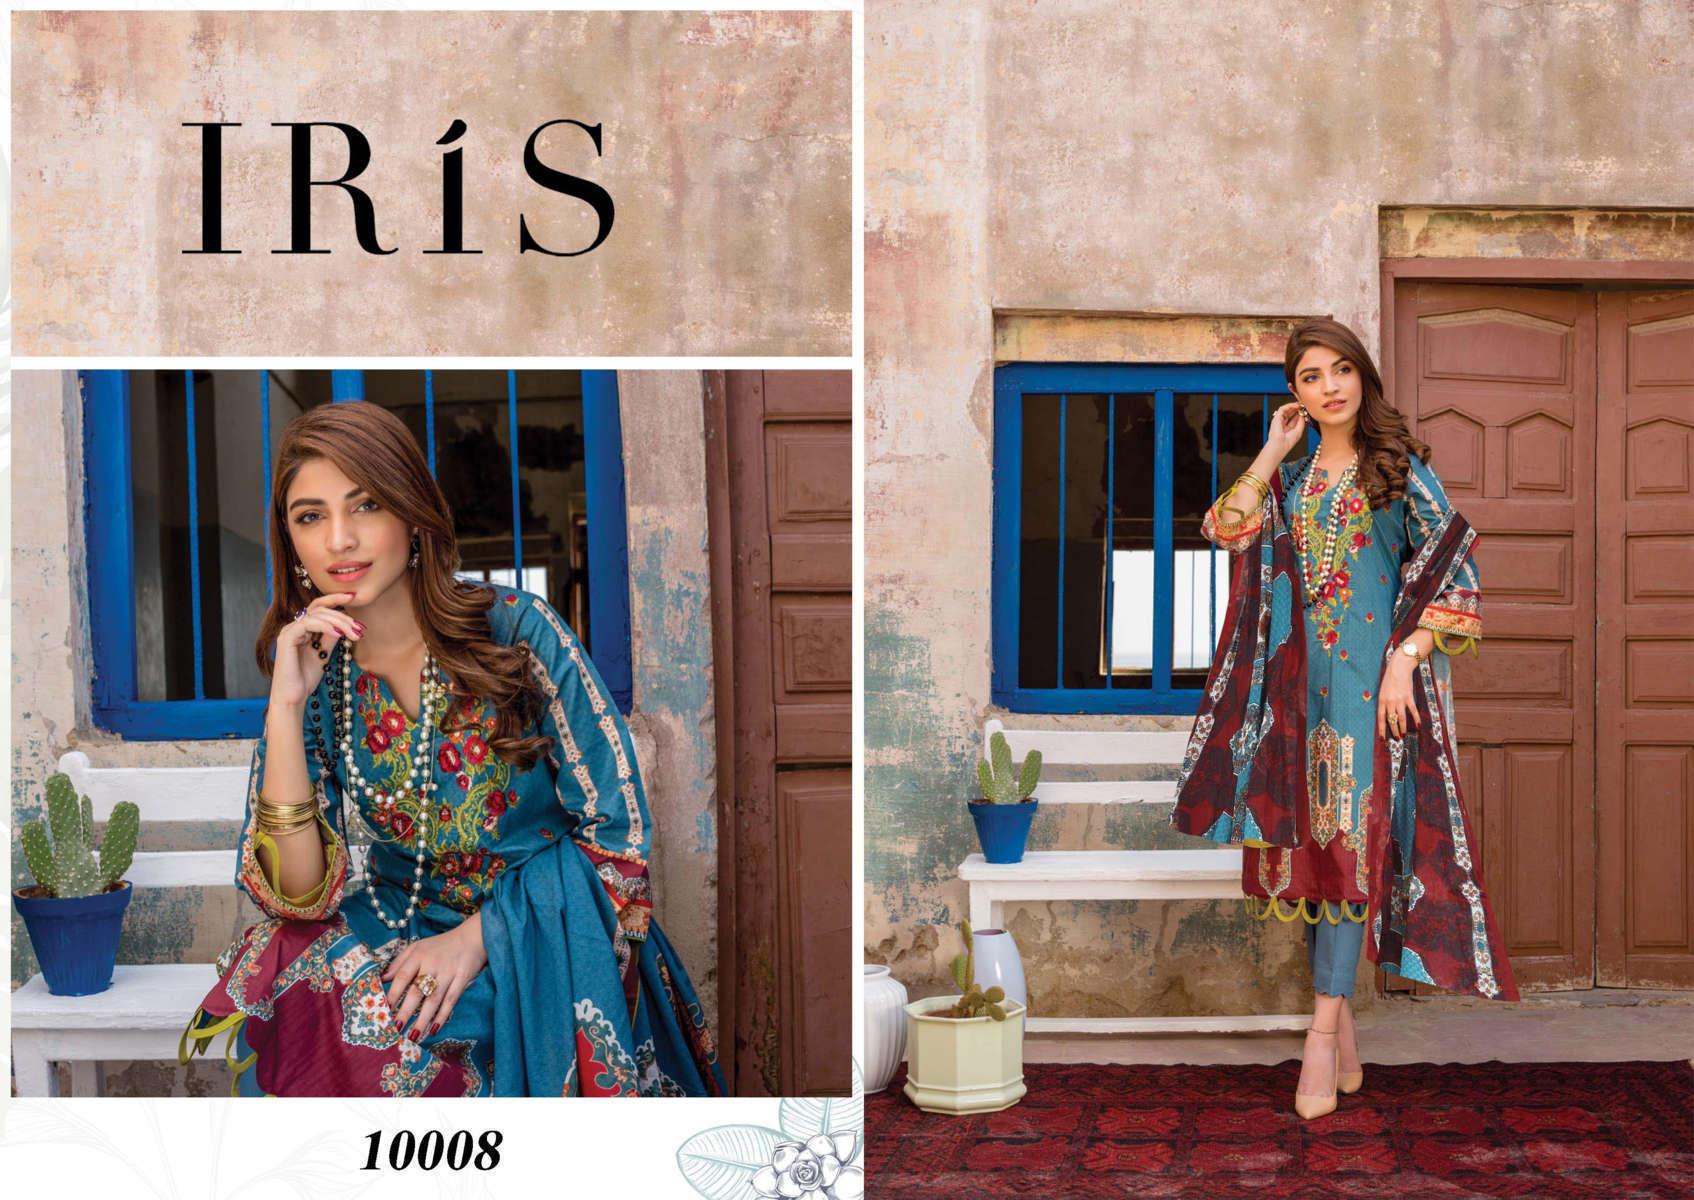 Iris Vol 10 Karachi Cotton Salwar Suit Wholesale Catalog 10 Pcs 11 - Iris Vol 10 Karachi Cotton Salwar Suit Wholesale Catalog 10 Pcs